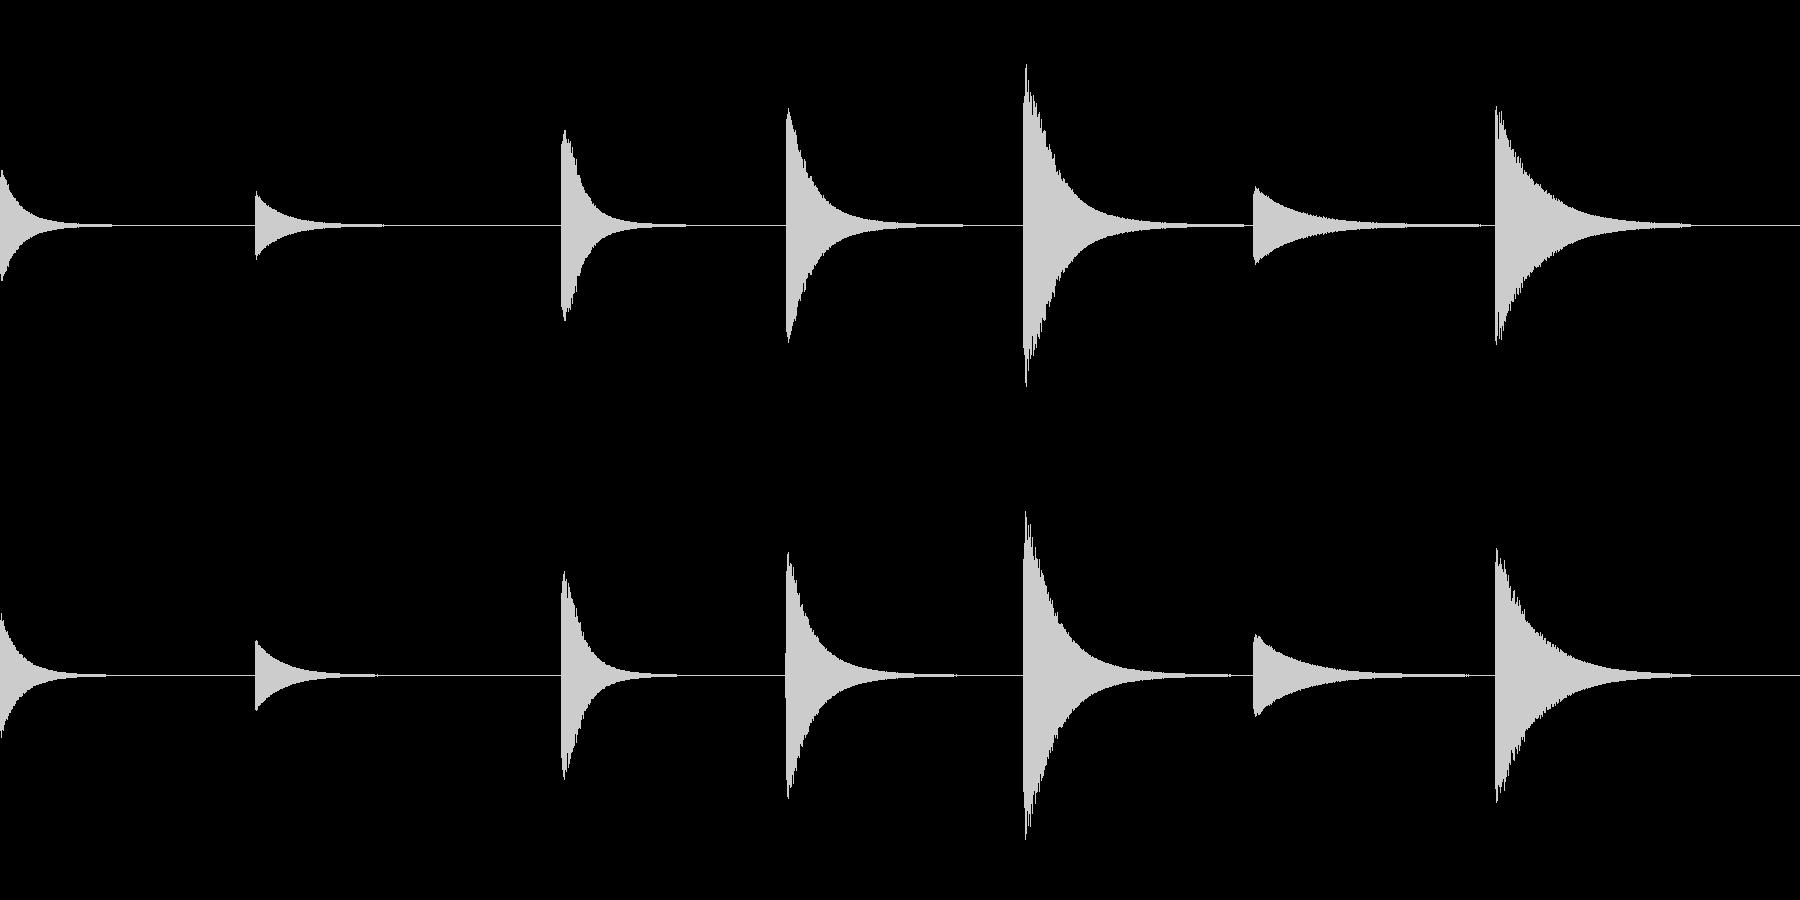 スペースチャイム、いくつかのヒット...の未再生の波形